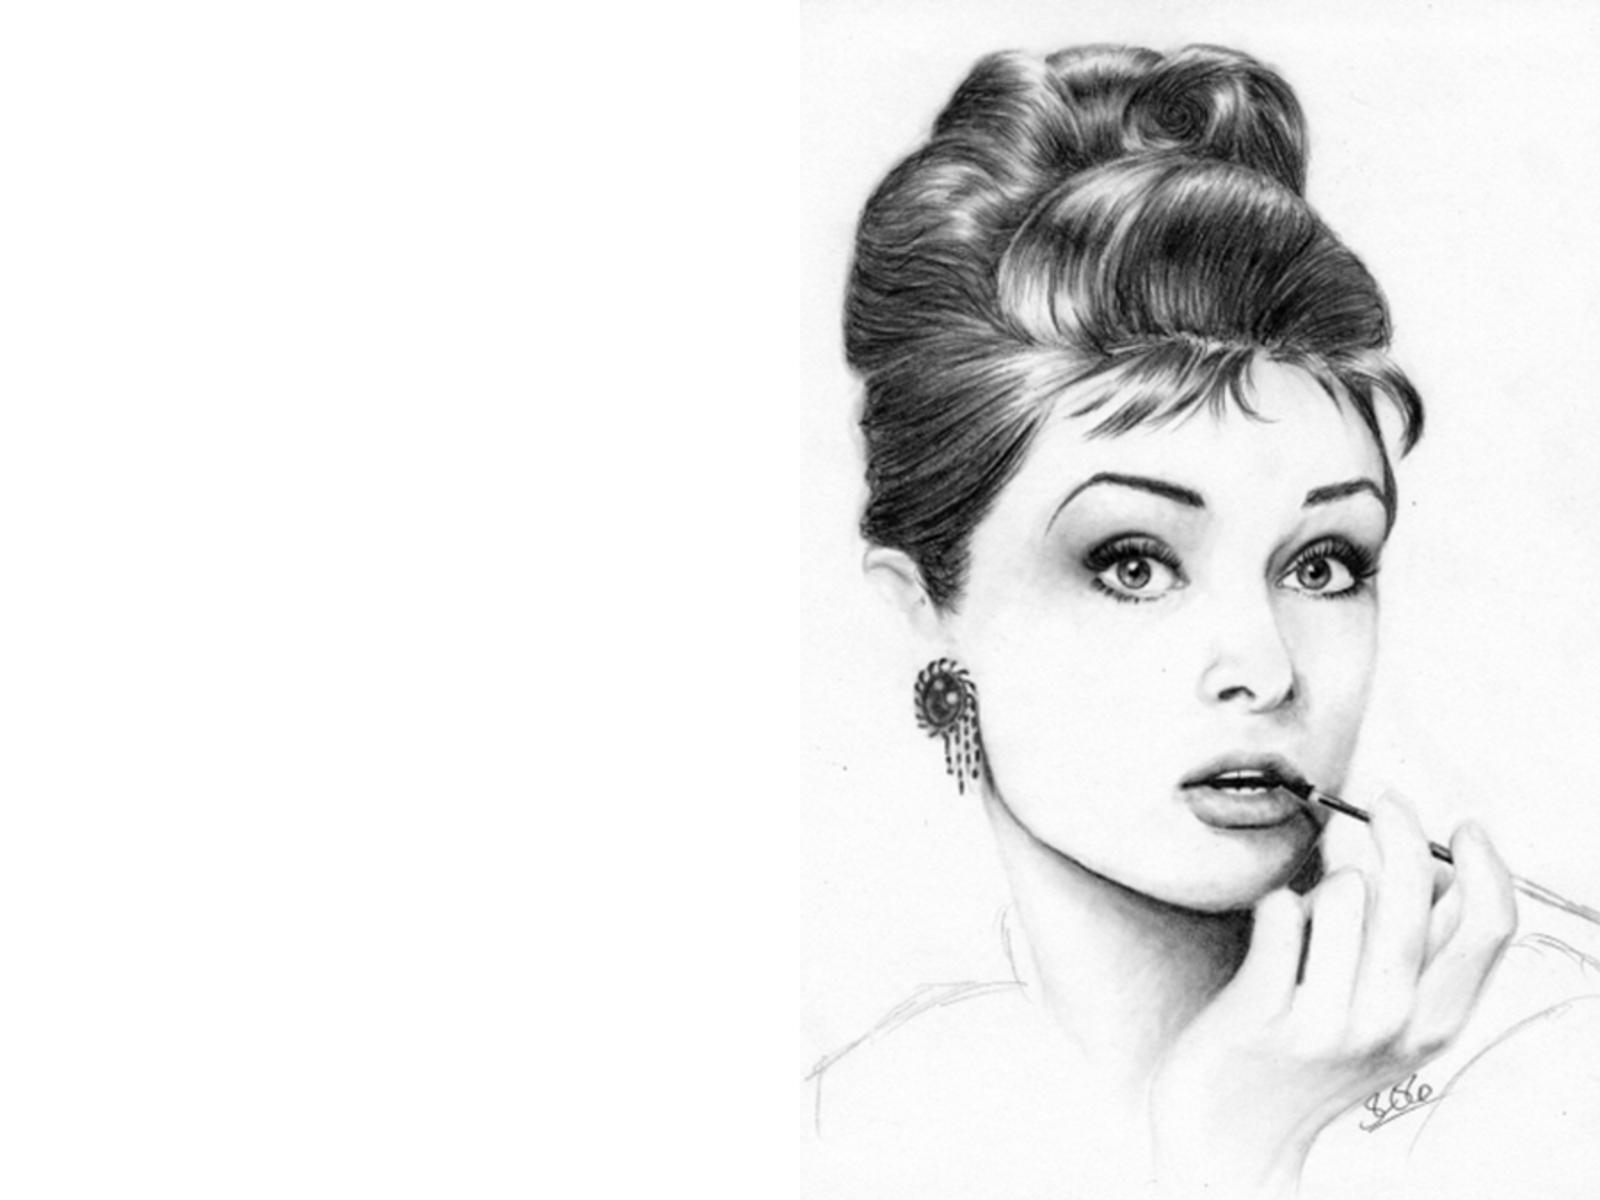 Audrey Hepburn Wallpaper Audrey Hepburn Backgrounds Audrey Hepburn 1600x1200